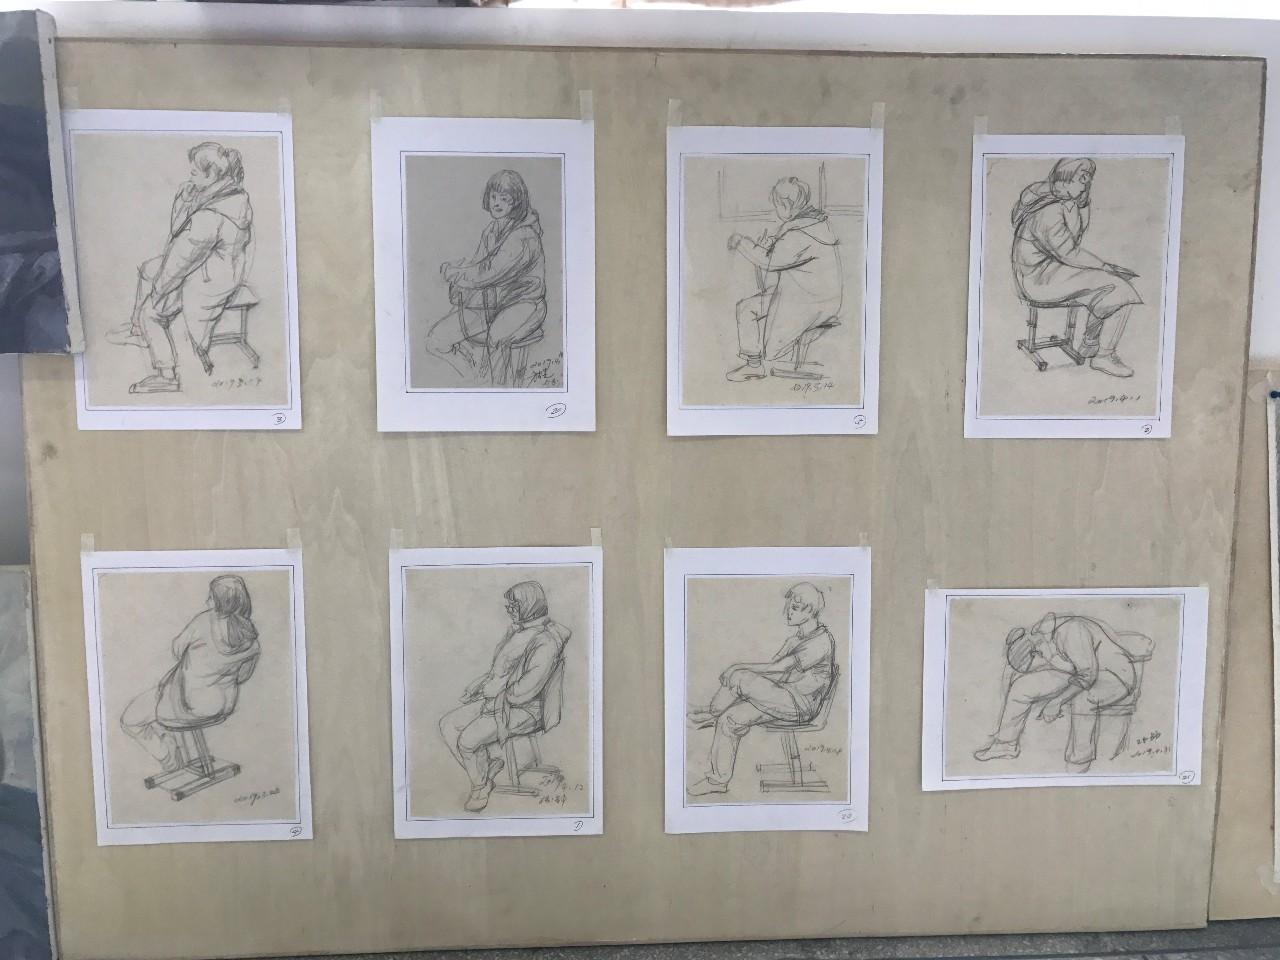 """8幅插画的诞生!新格林艺术高中的期末总结是原创的青春智慧!"""""""